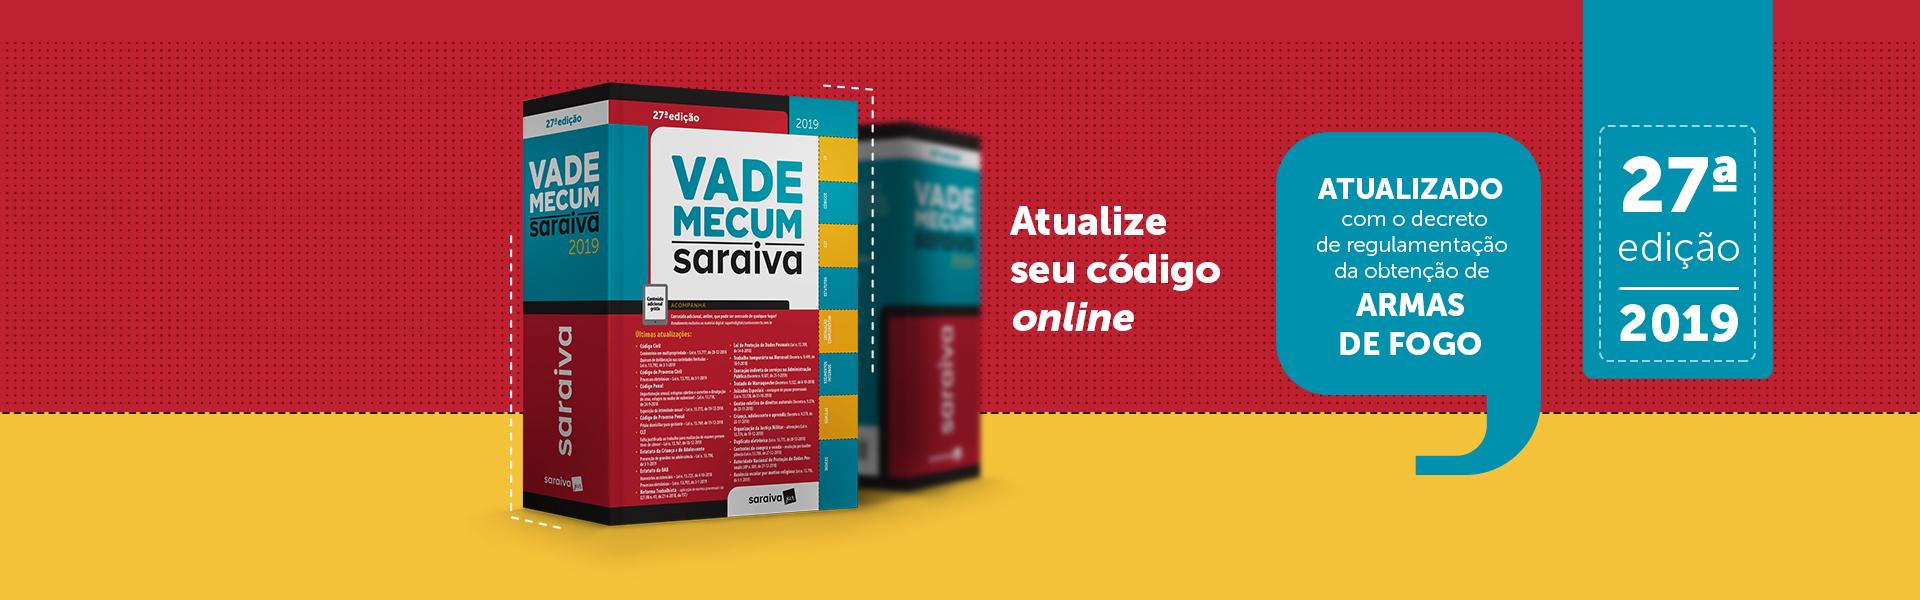 vade-mecum-2019-prevenda